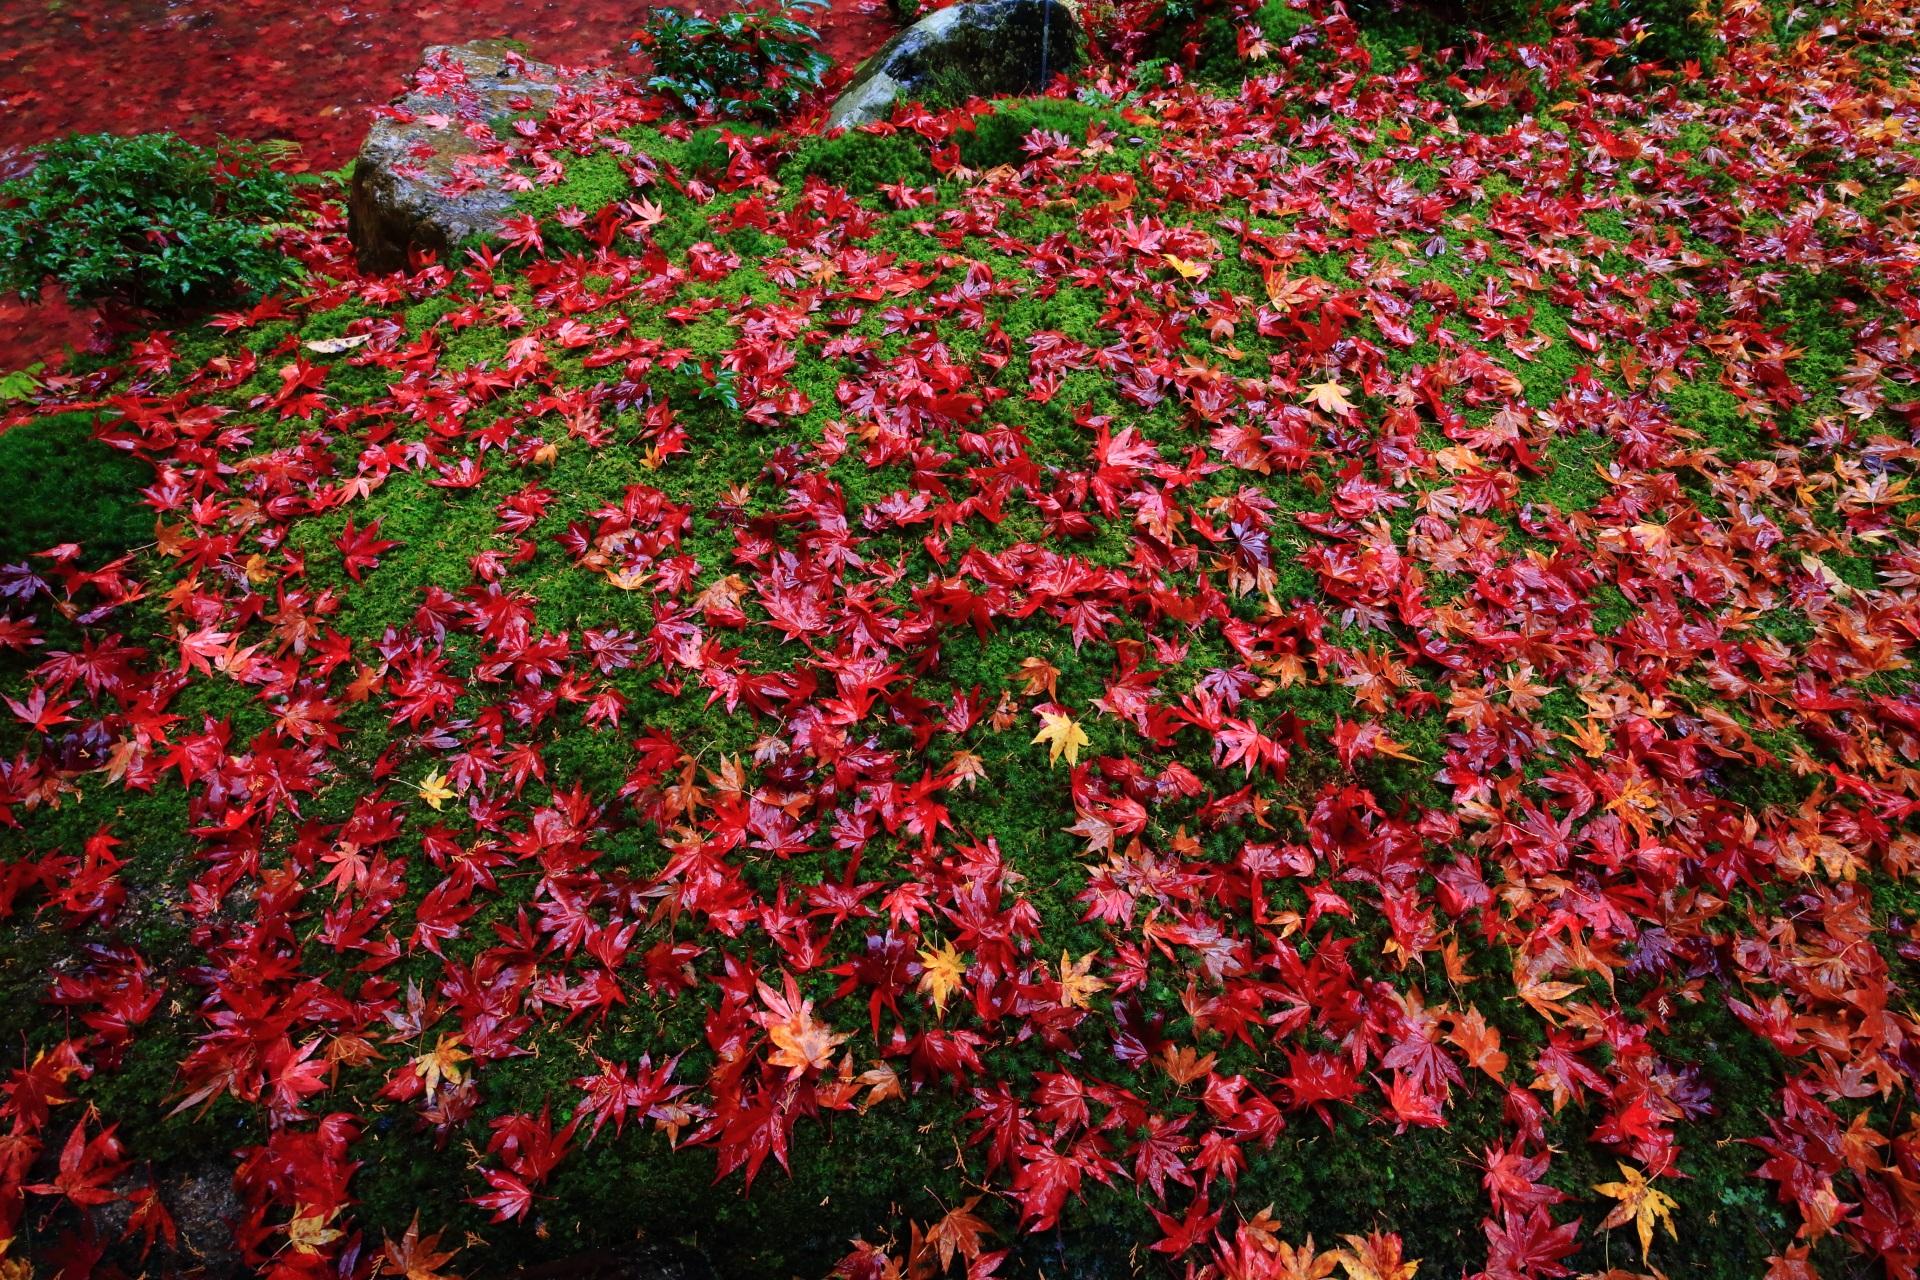 南禅院の鮮烈な彩りの絶品の散りもみじ